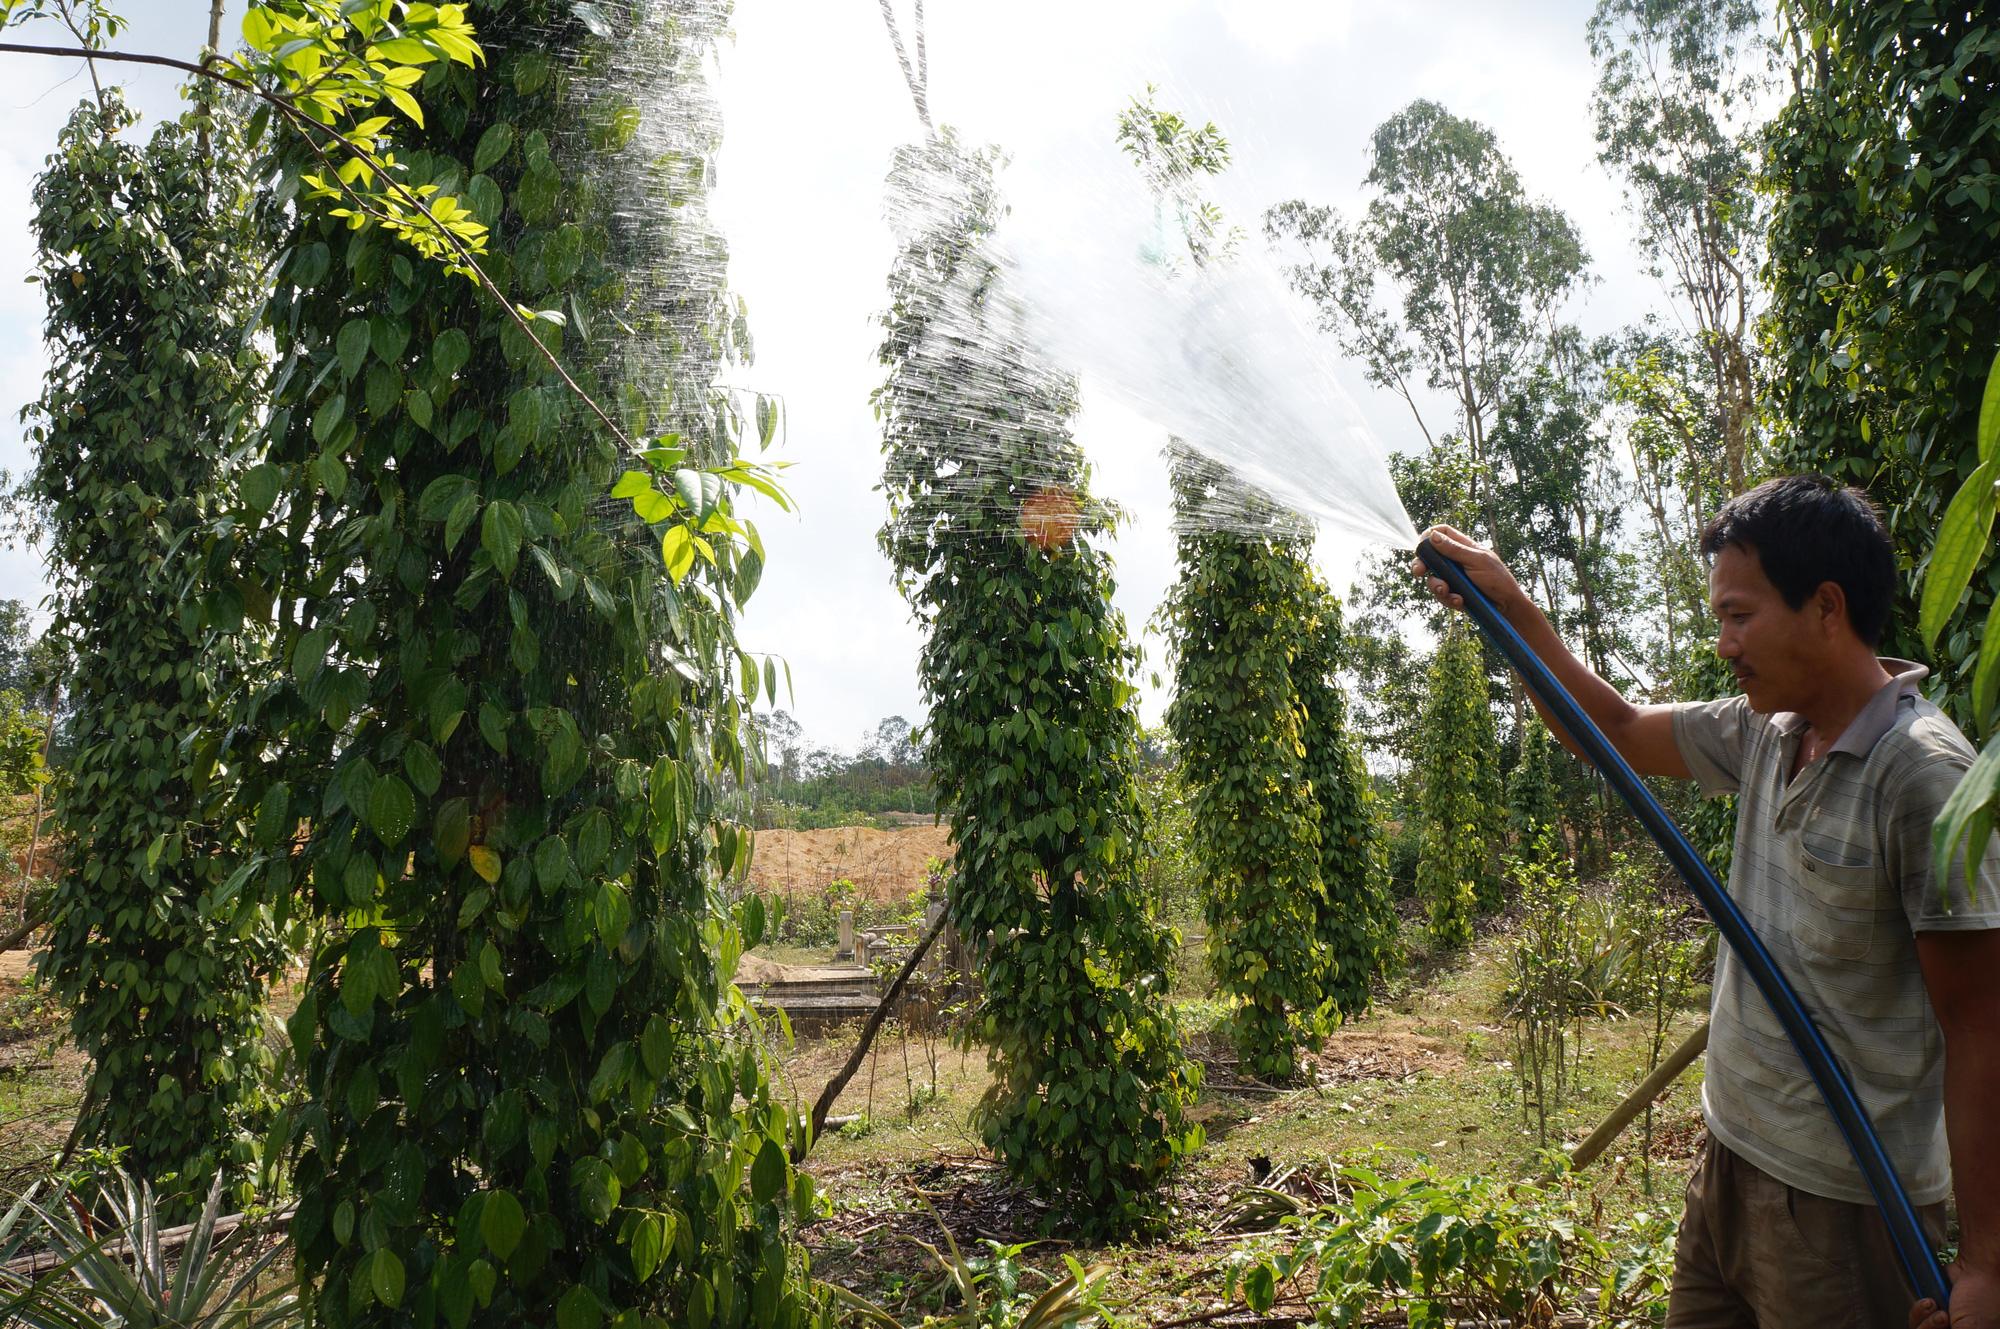 Quảng Nam: Biến những thứ bỏ đi thành 6.420 tấn phân hữu cơ giúp nông dân - Ảnh 3.